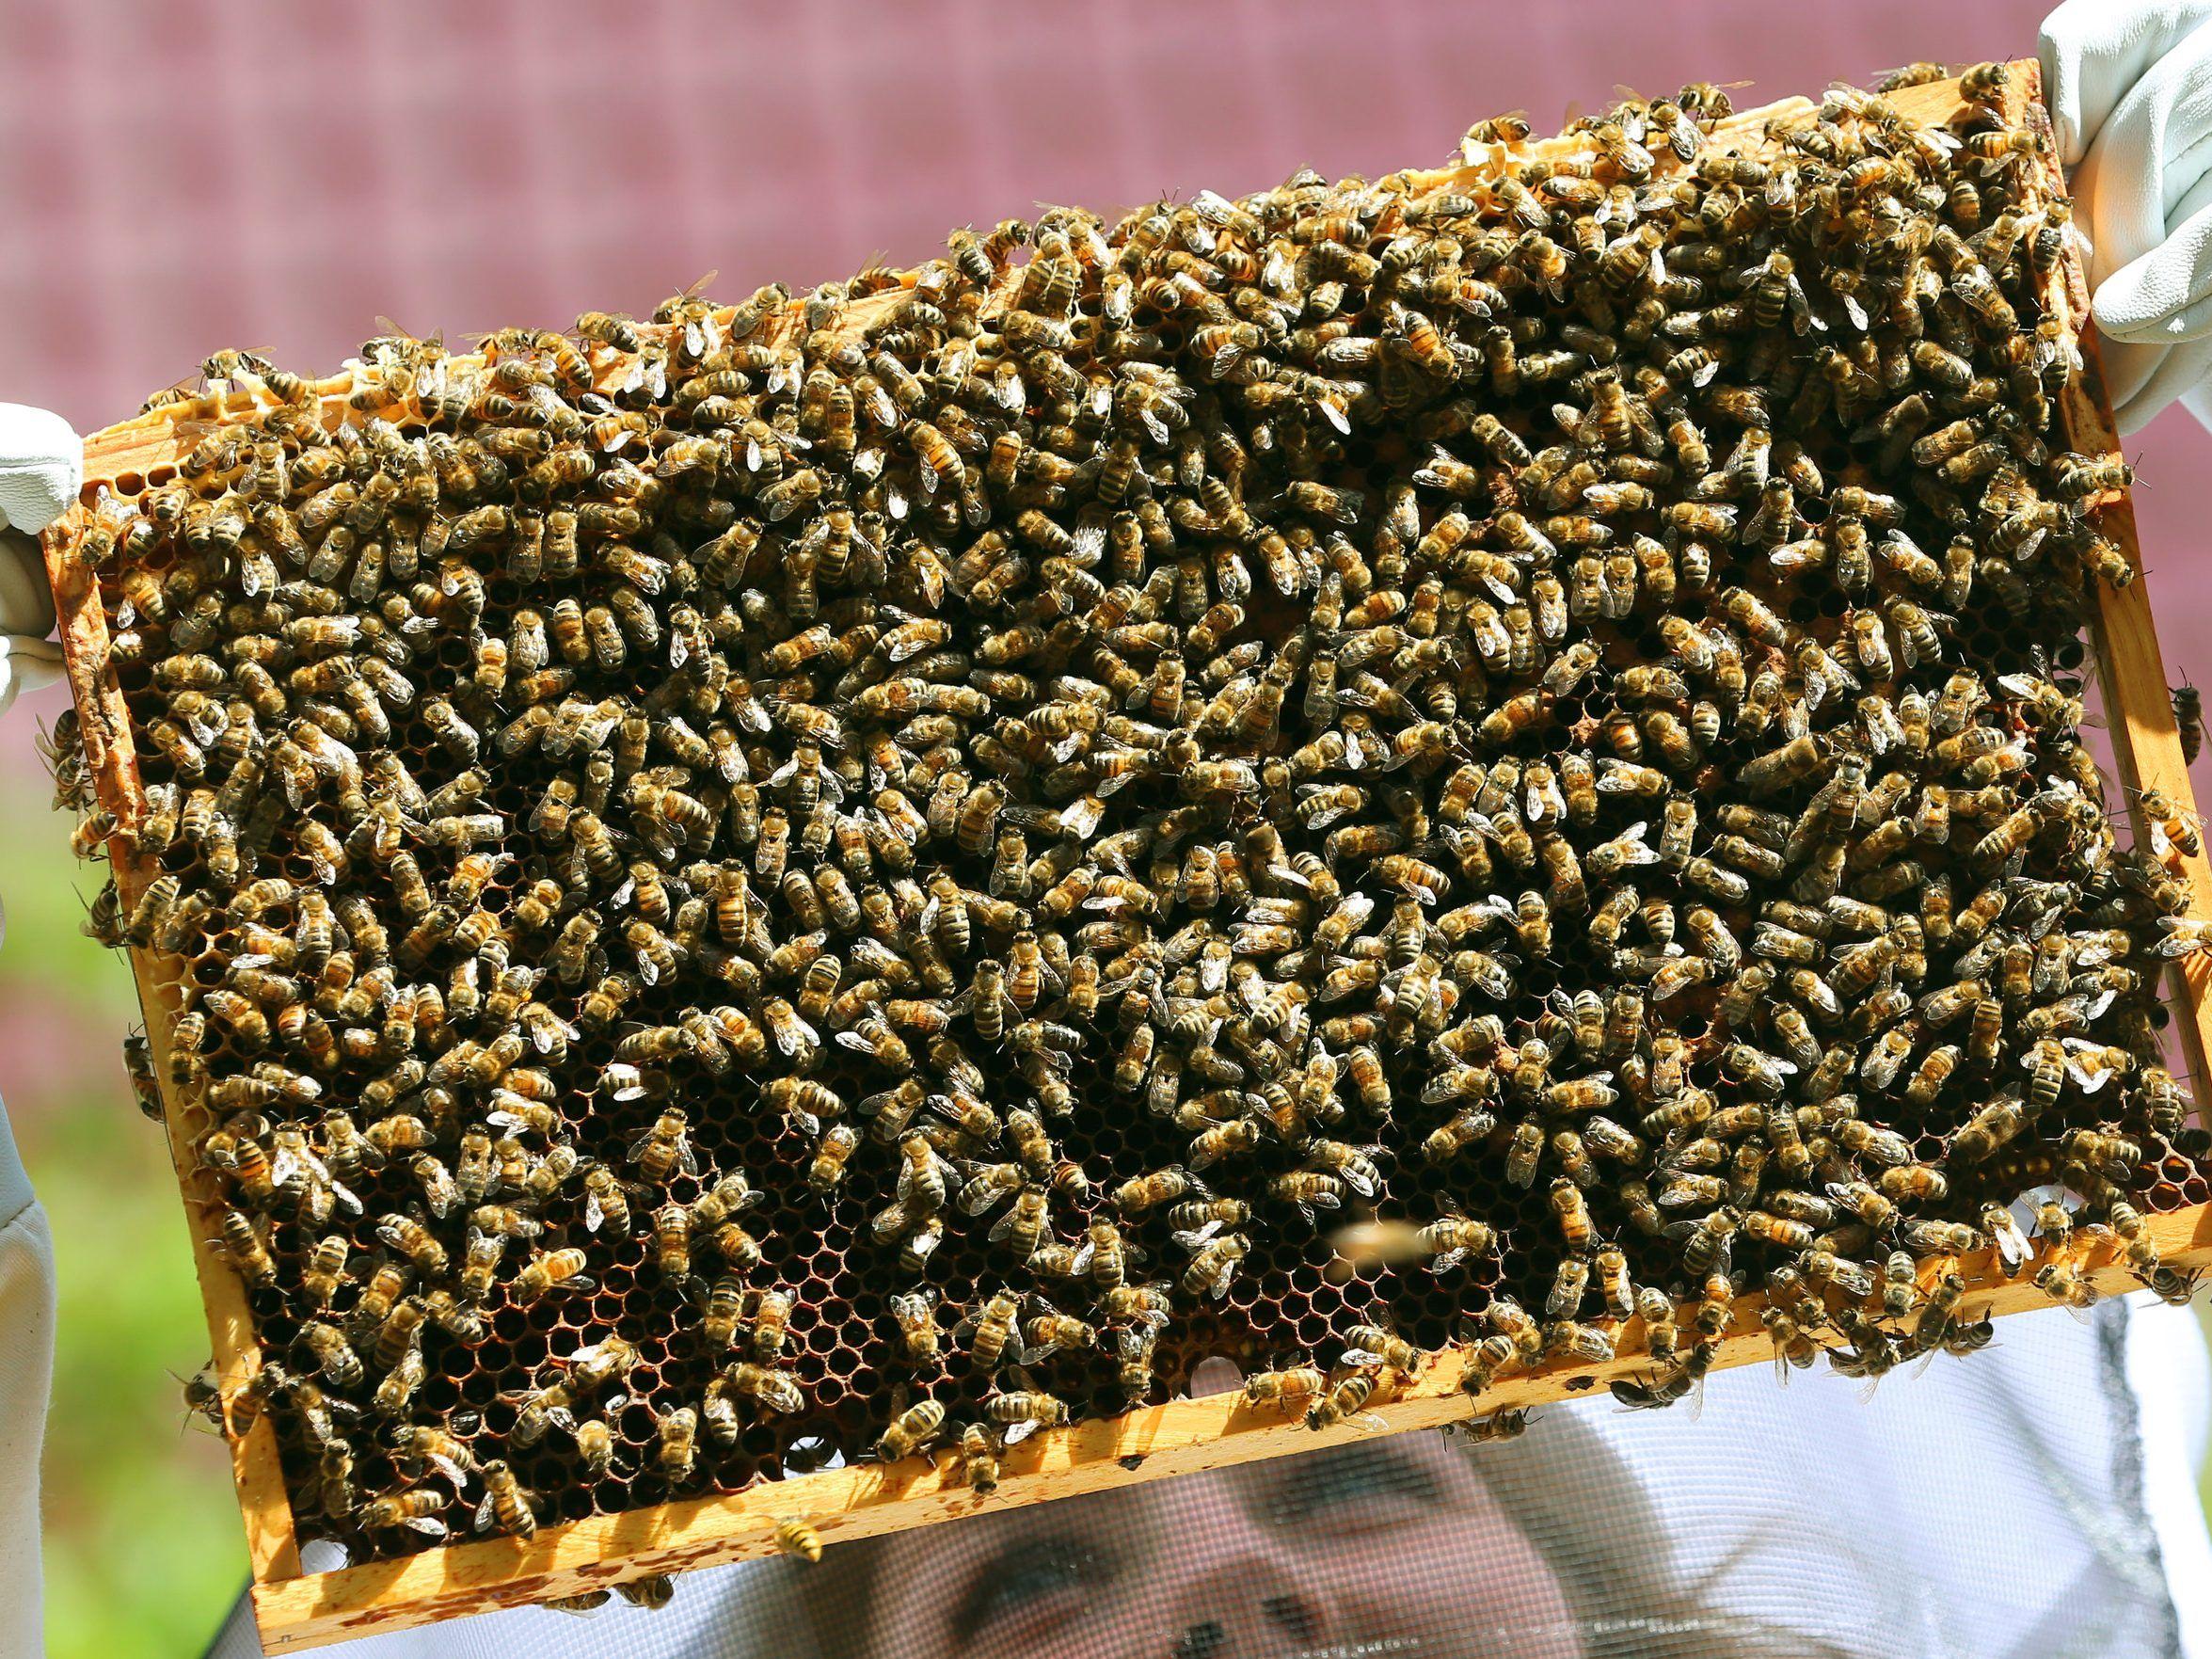 200 Kilo Honig 100000 Bienen Am Dach Der Münze österreich In Wien